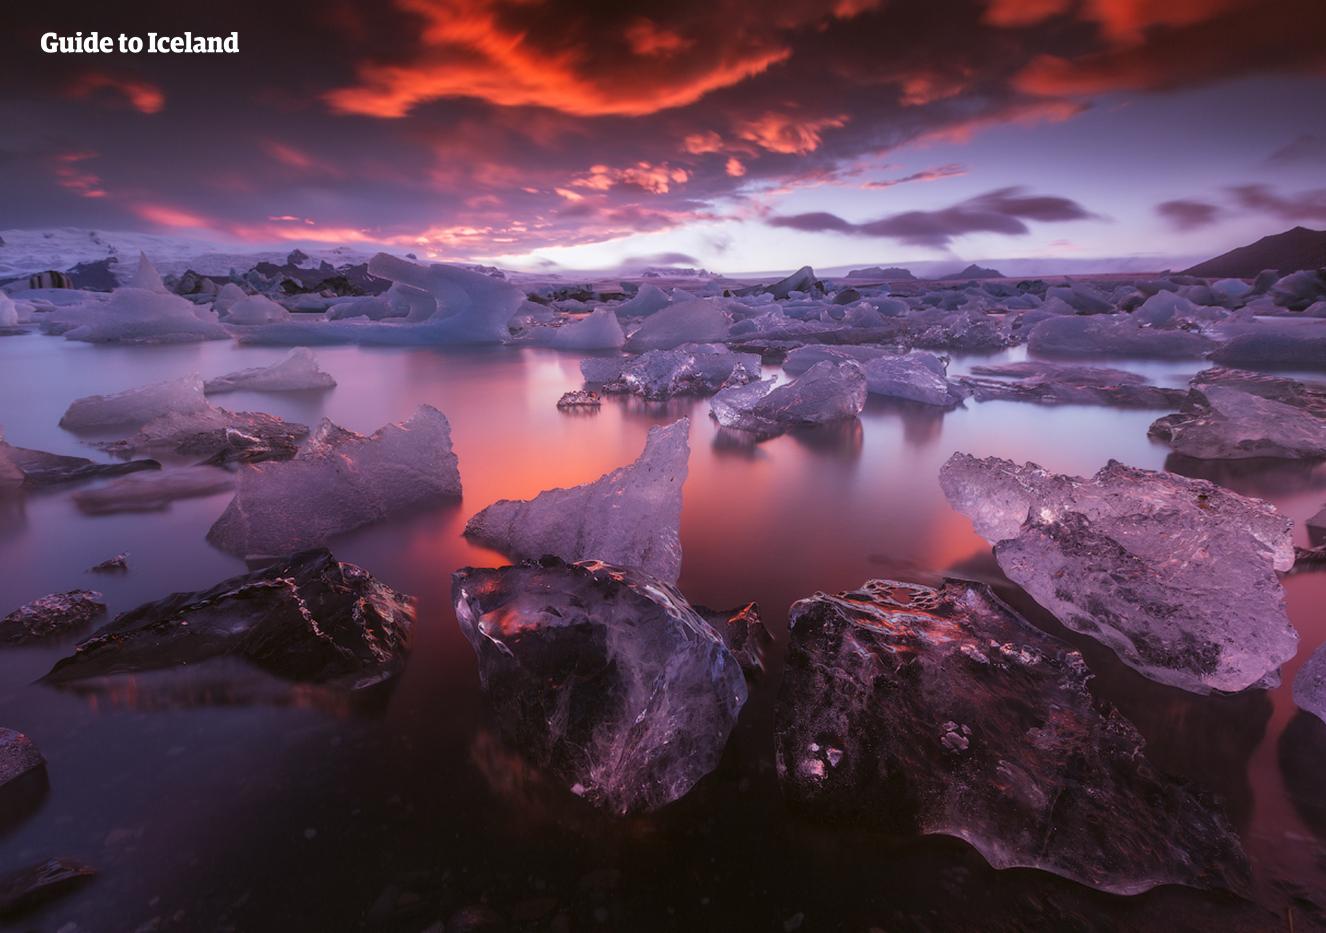 Die Eisberge auf der Gletscherlagune Jökulsarlon funkeln in den letzten Strahlen der Sommersonne.